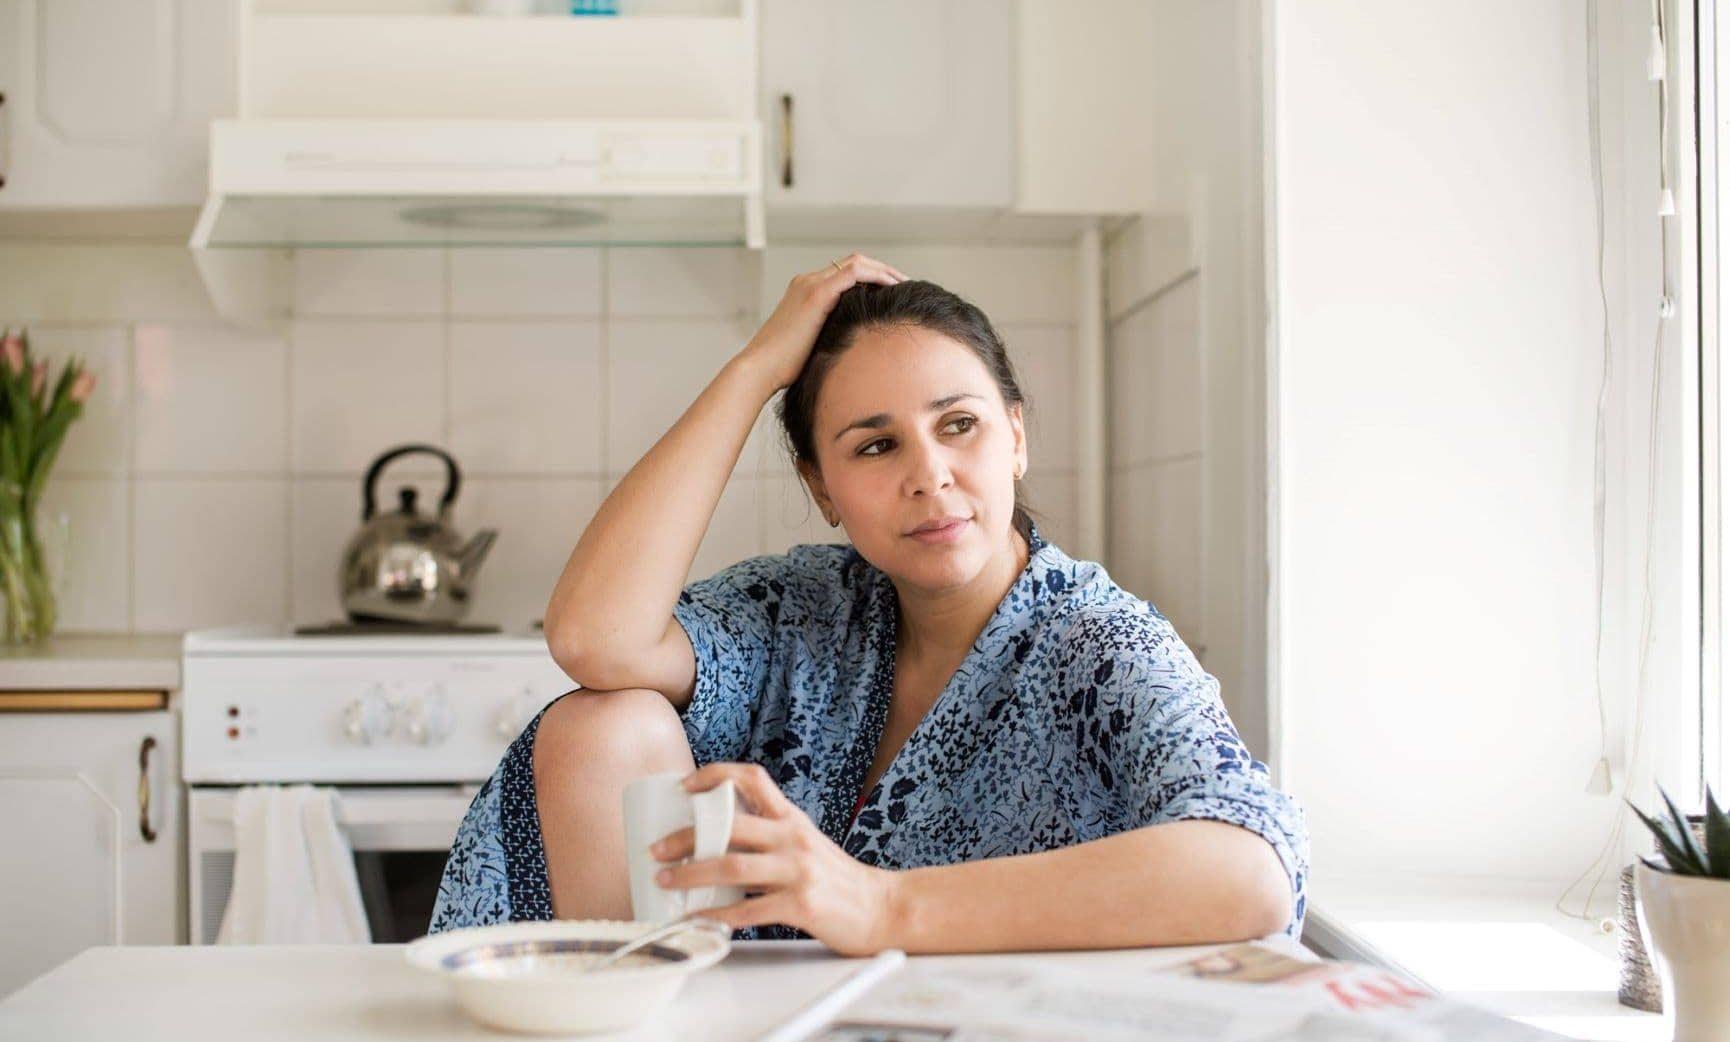 mensvärk illamående gravid